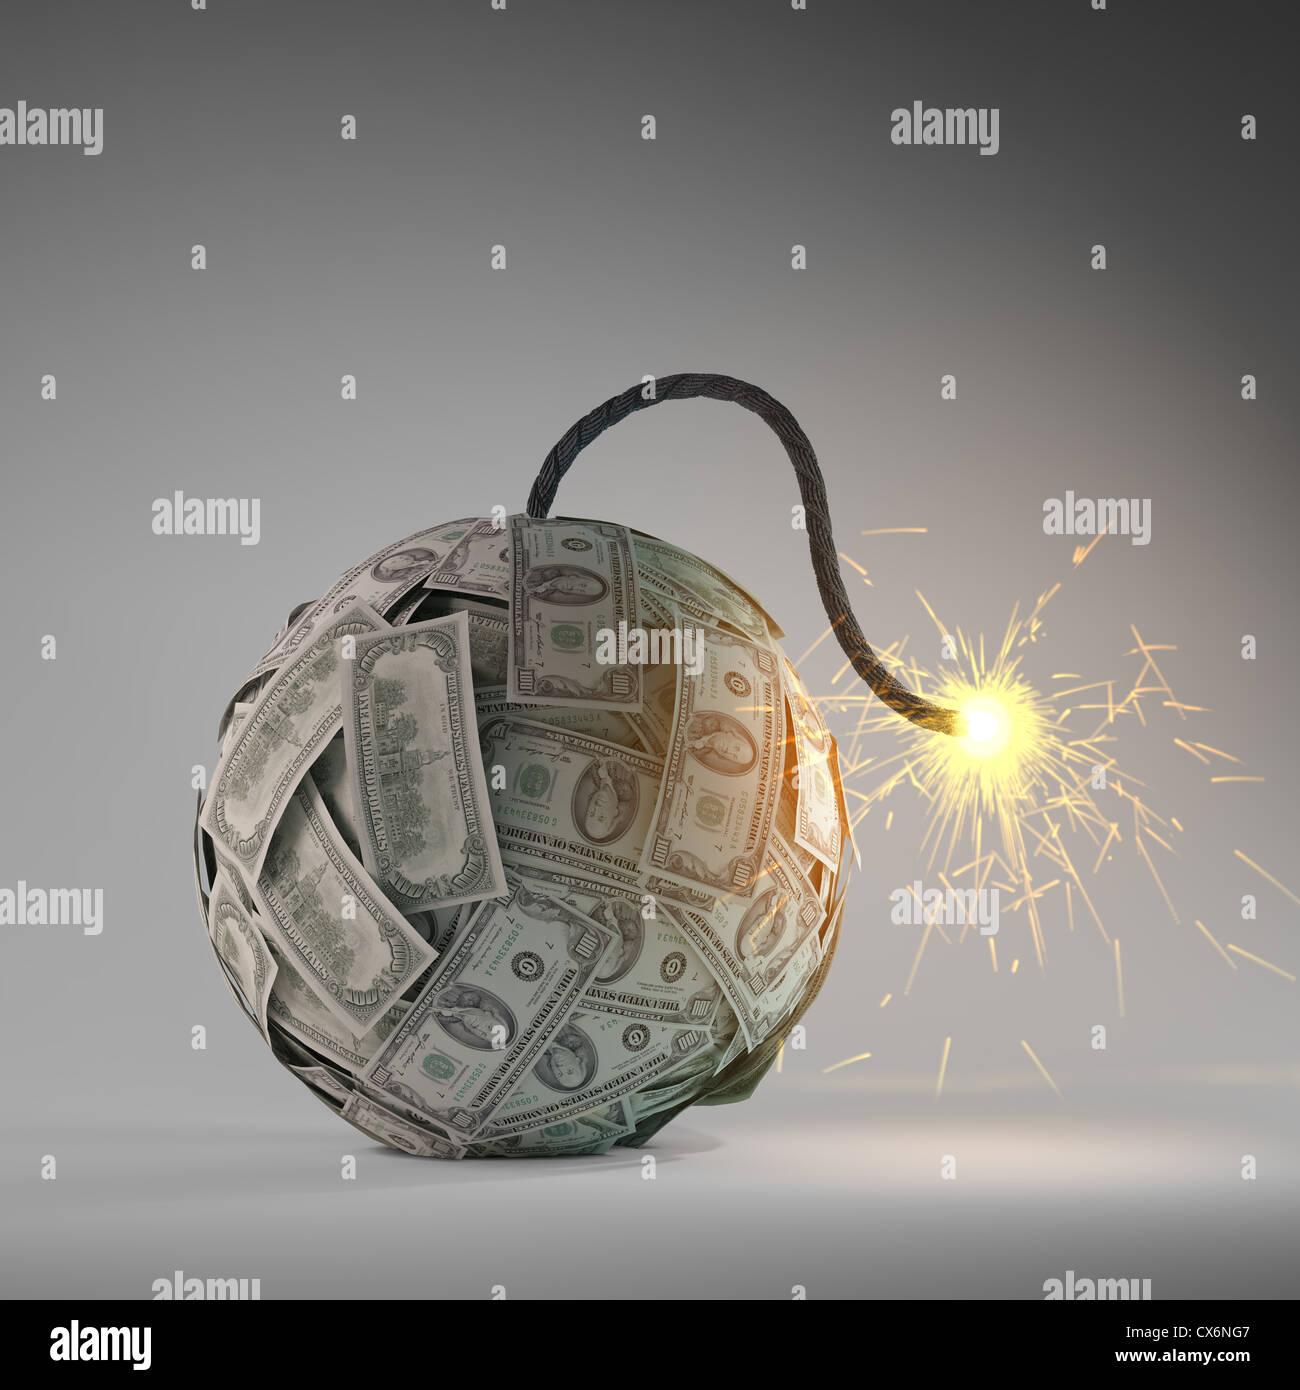 Crise financière - une vieille bombe avec un fusible en dollar bills Photo Stock